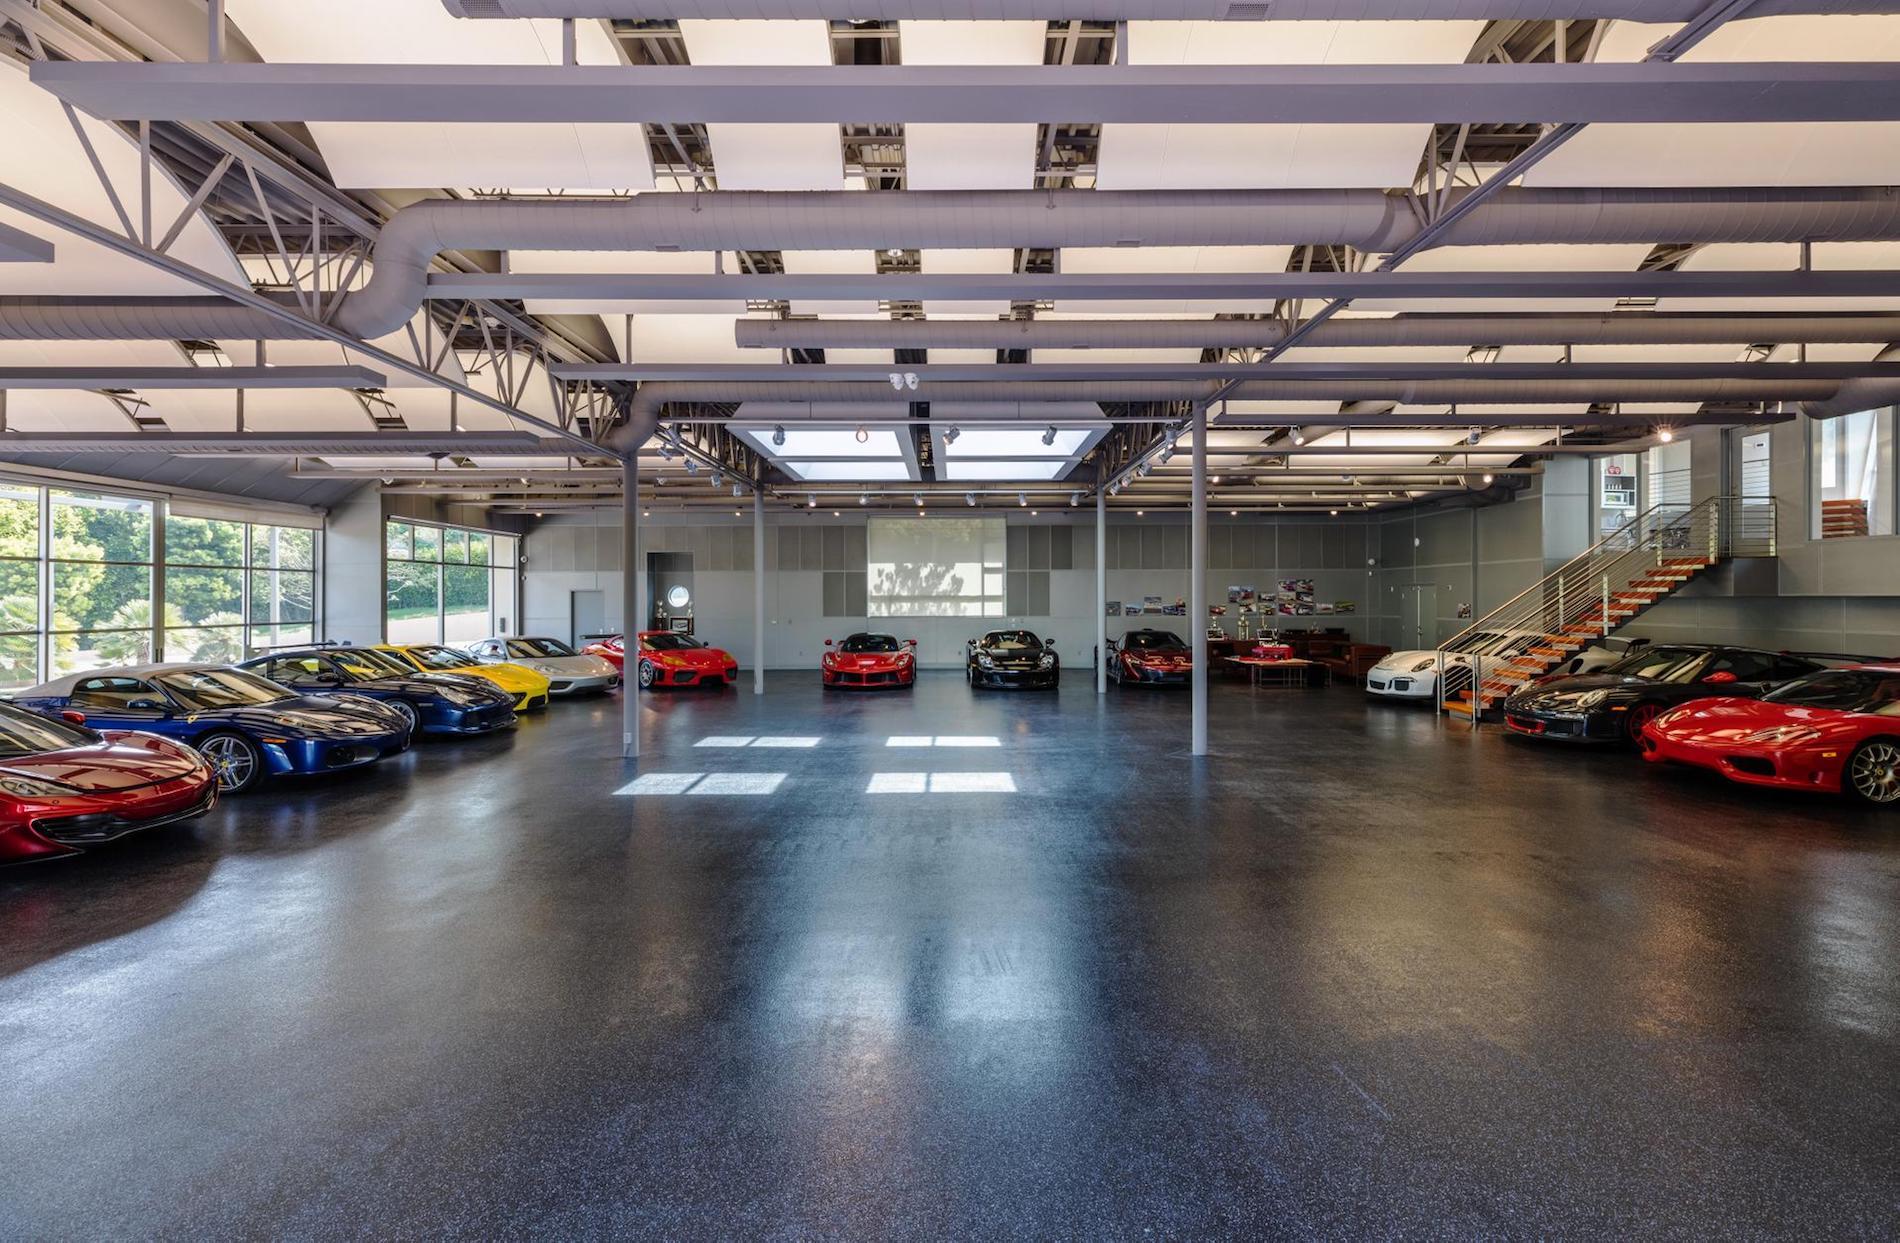 Eine Garage für $10 Millionen Dollar: Das private Automuseum in Malibu wird verkauft 3